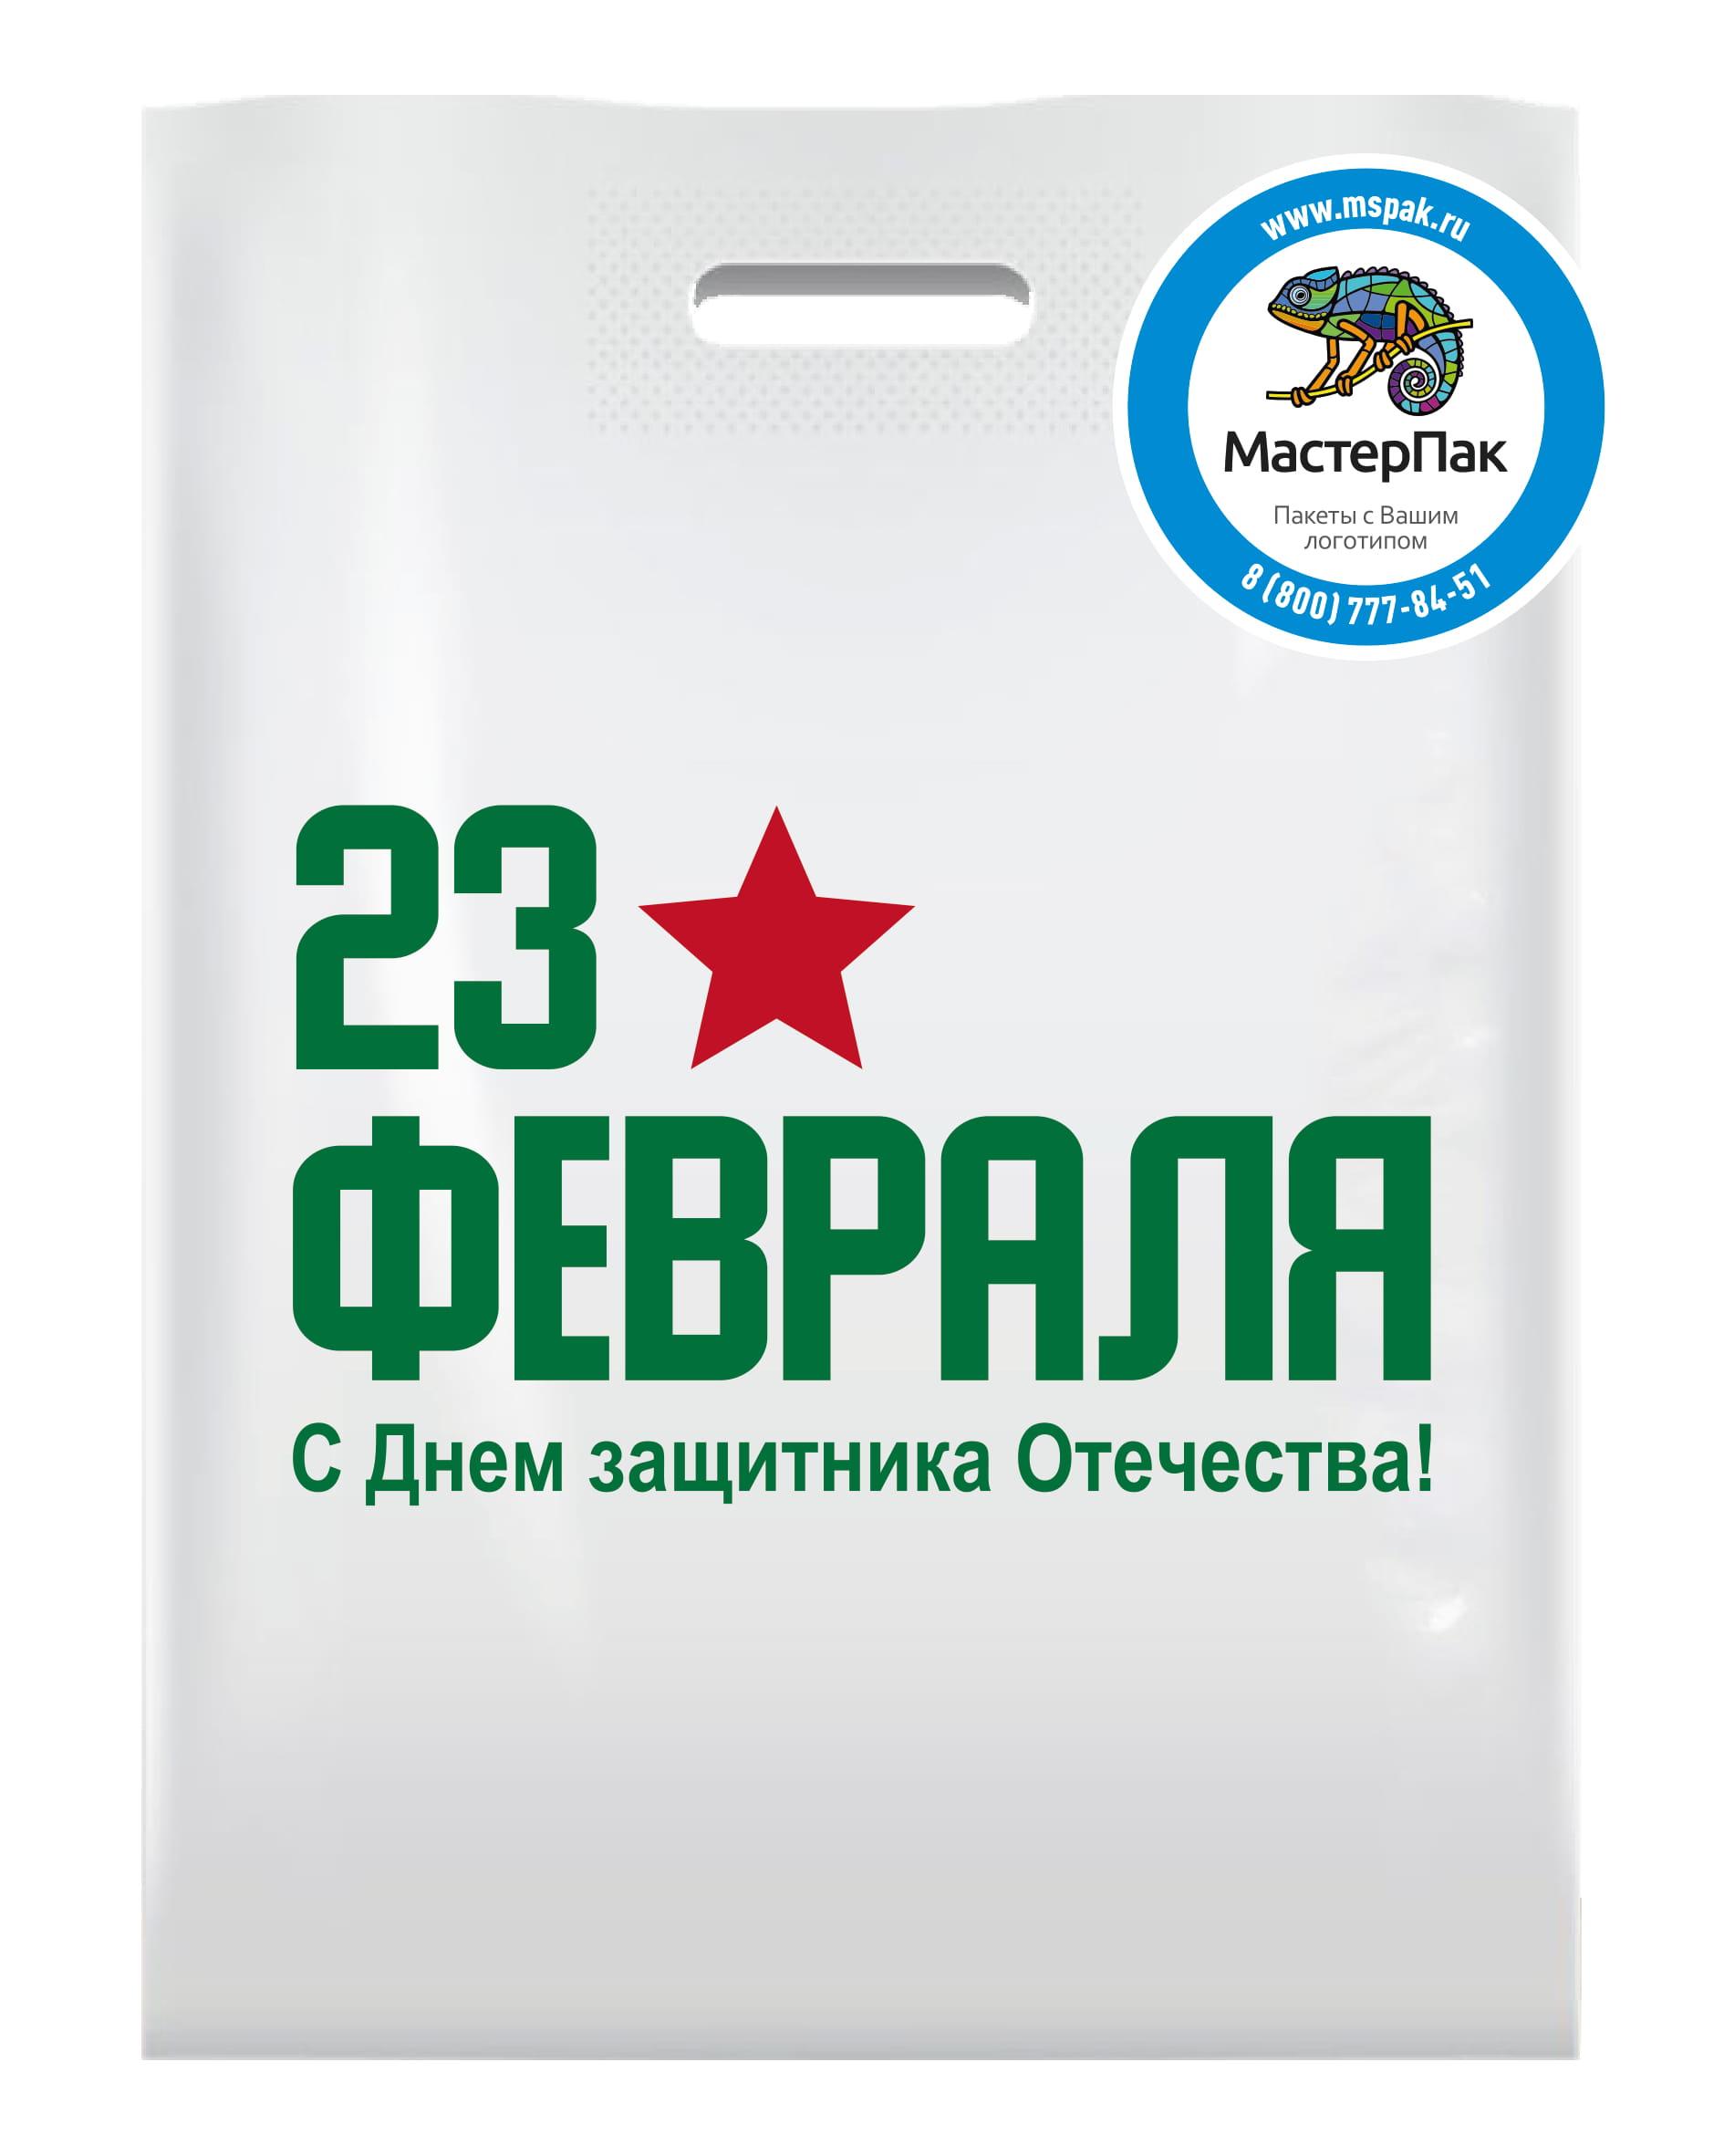 Пакет ПВД с вырубной ручной и логотипом 23 февраля (шелкография), 70 мкм